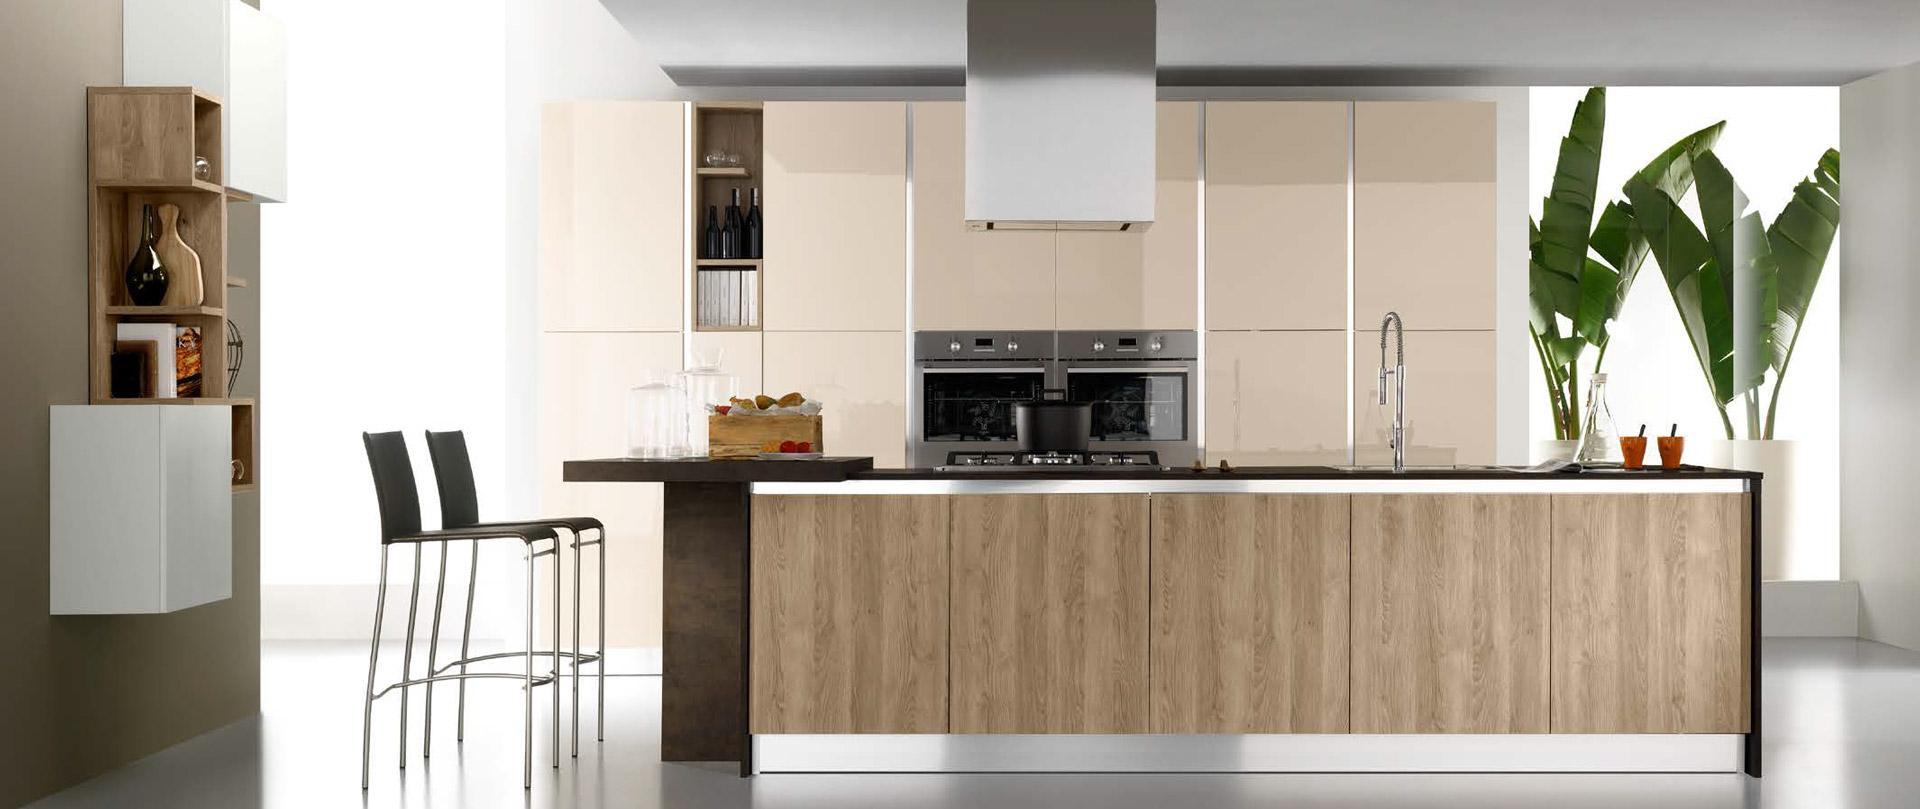 Cucine moderne: CIELO, cucine made in Italia, cucine di qualità